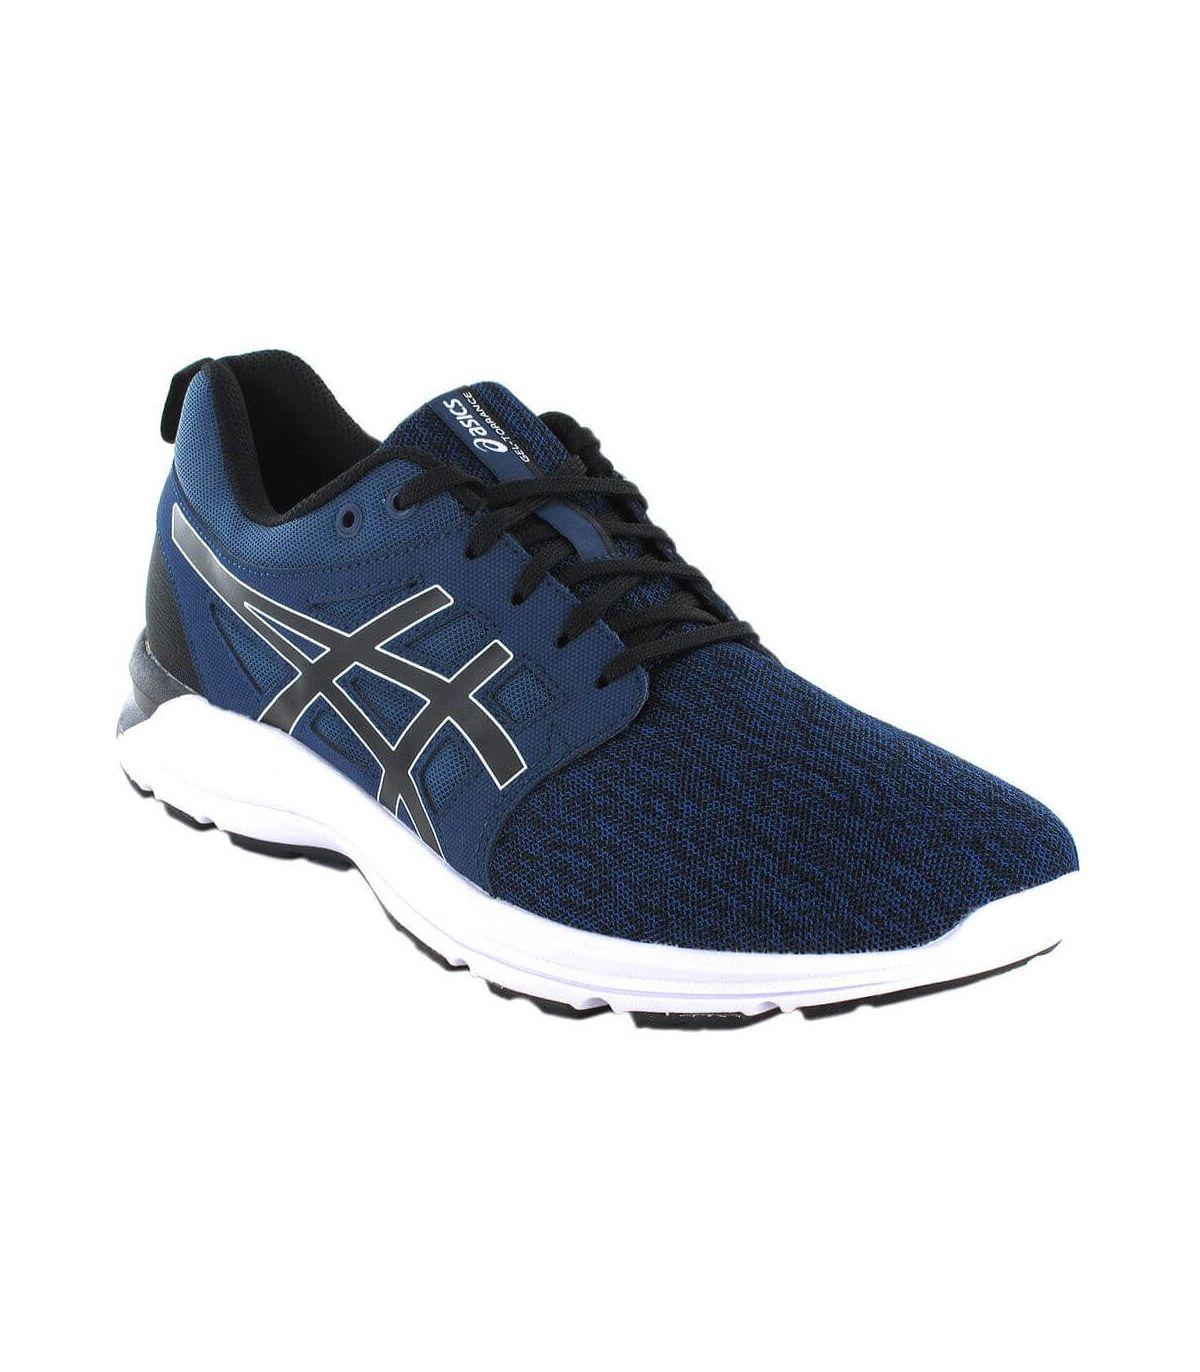 Zapatillas Running Hombre - Asics Gel Torrance Azul azul Zapatillas Running